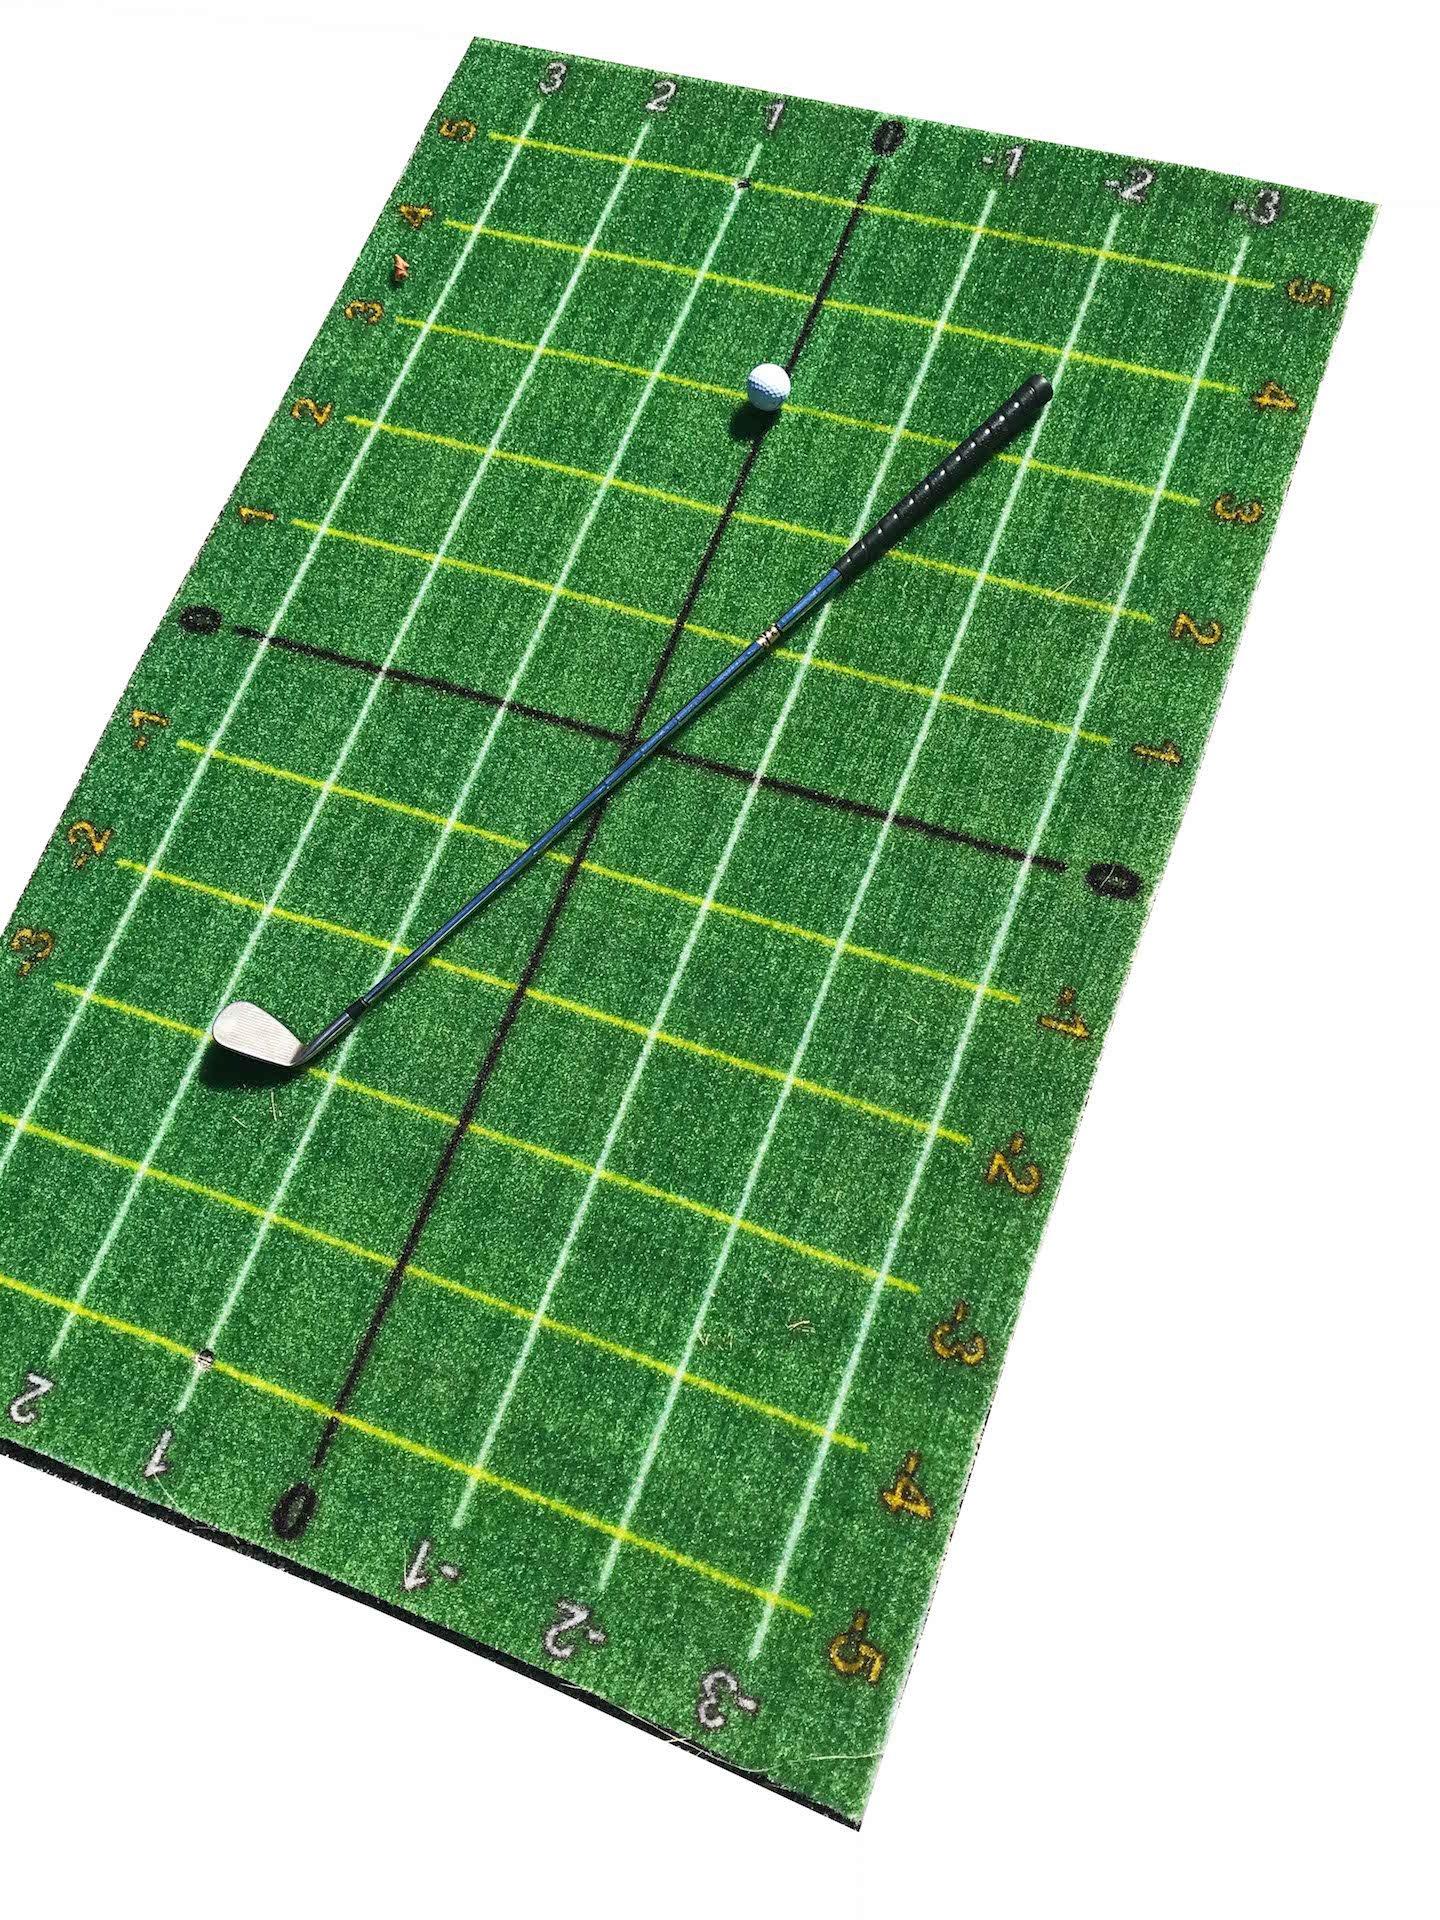 AlignRight Golf Hitting Mat (3' x 5')